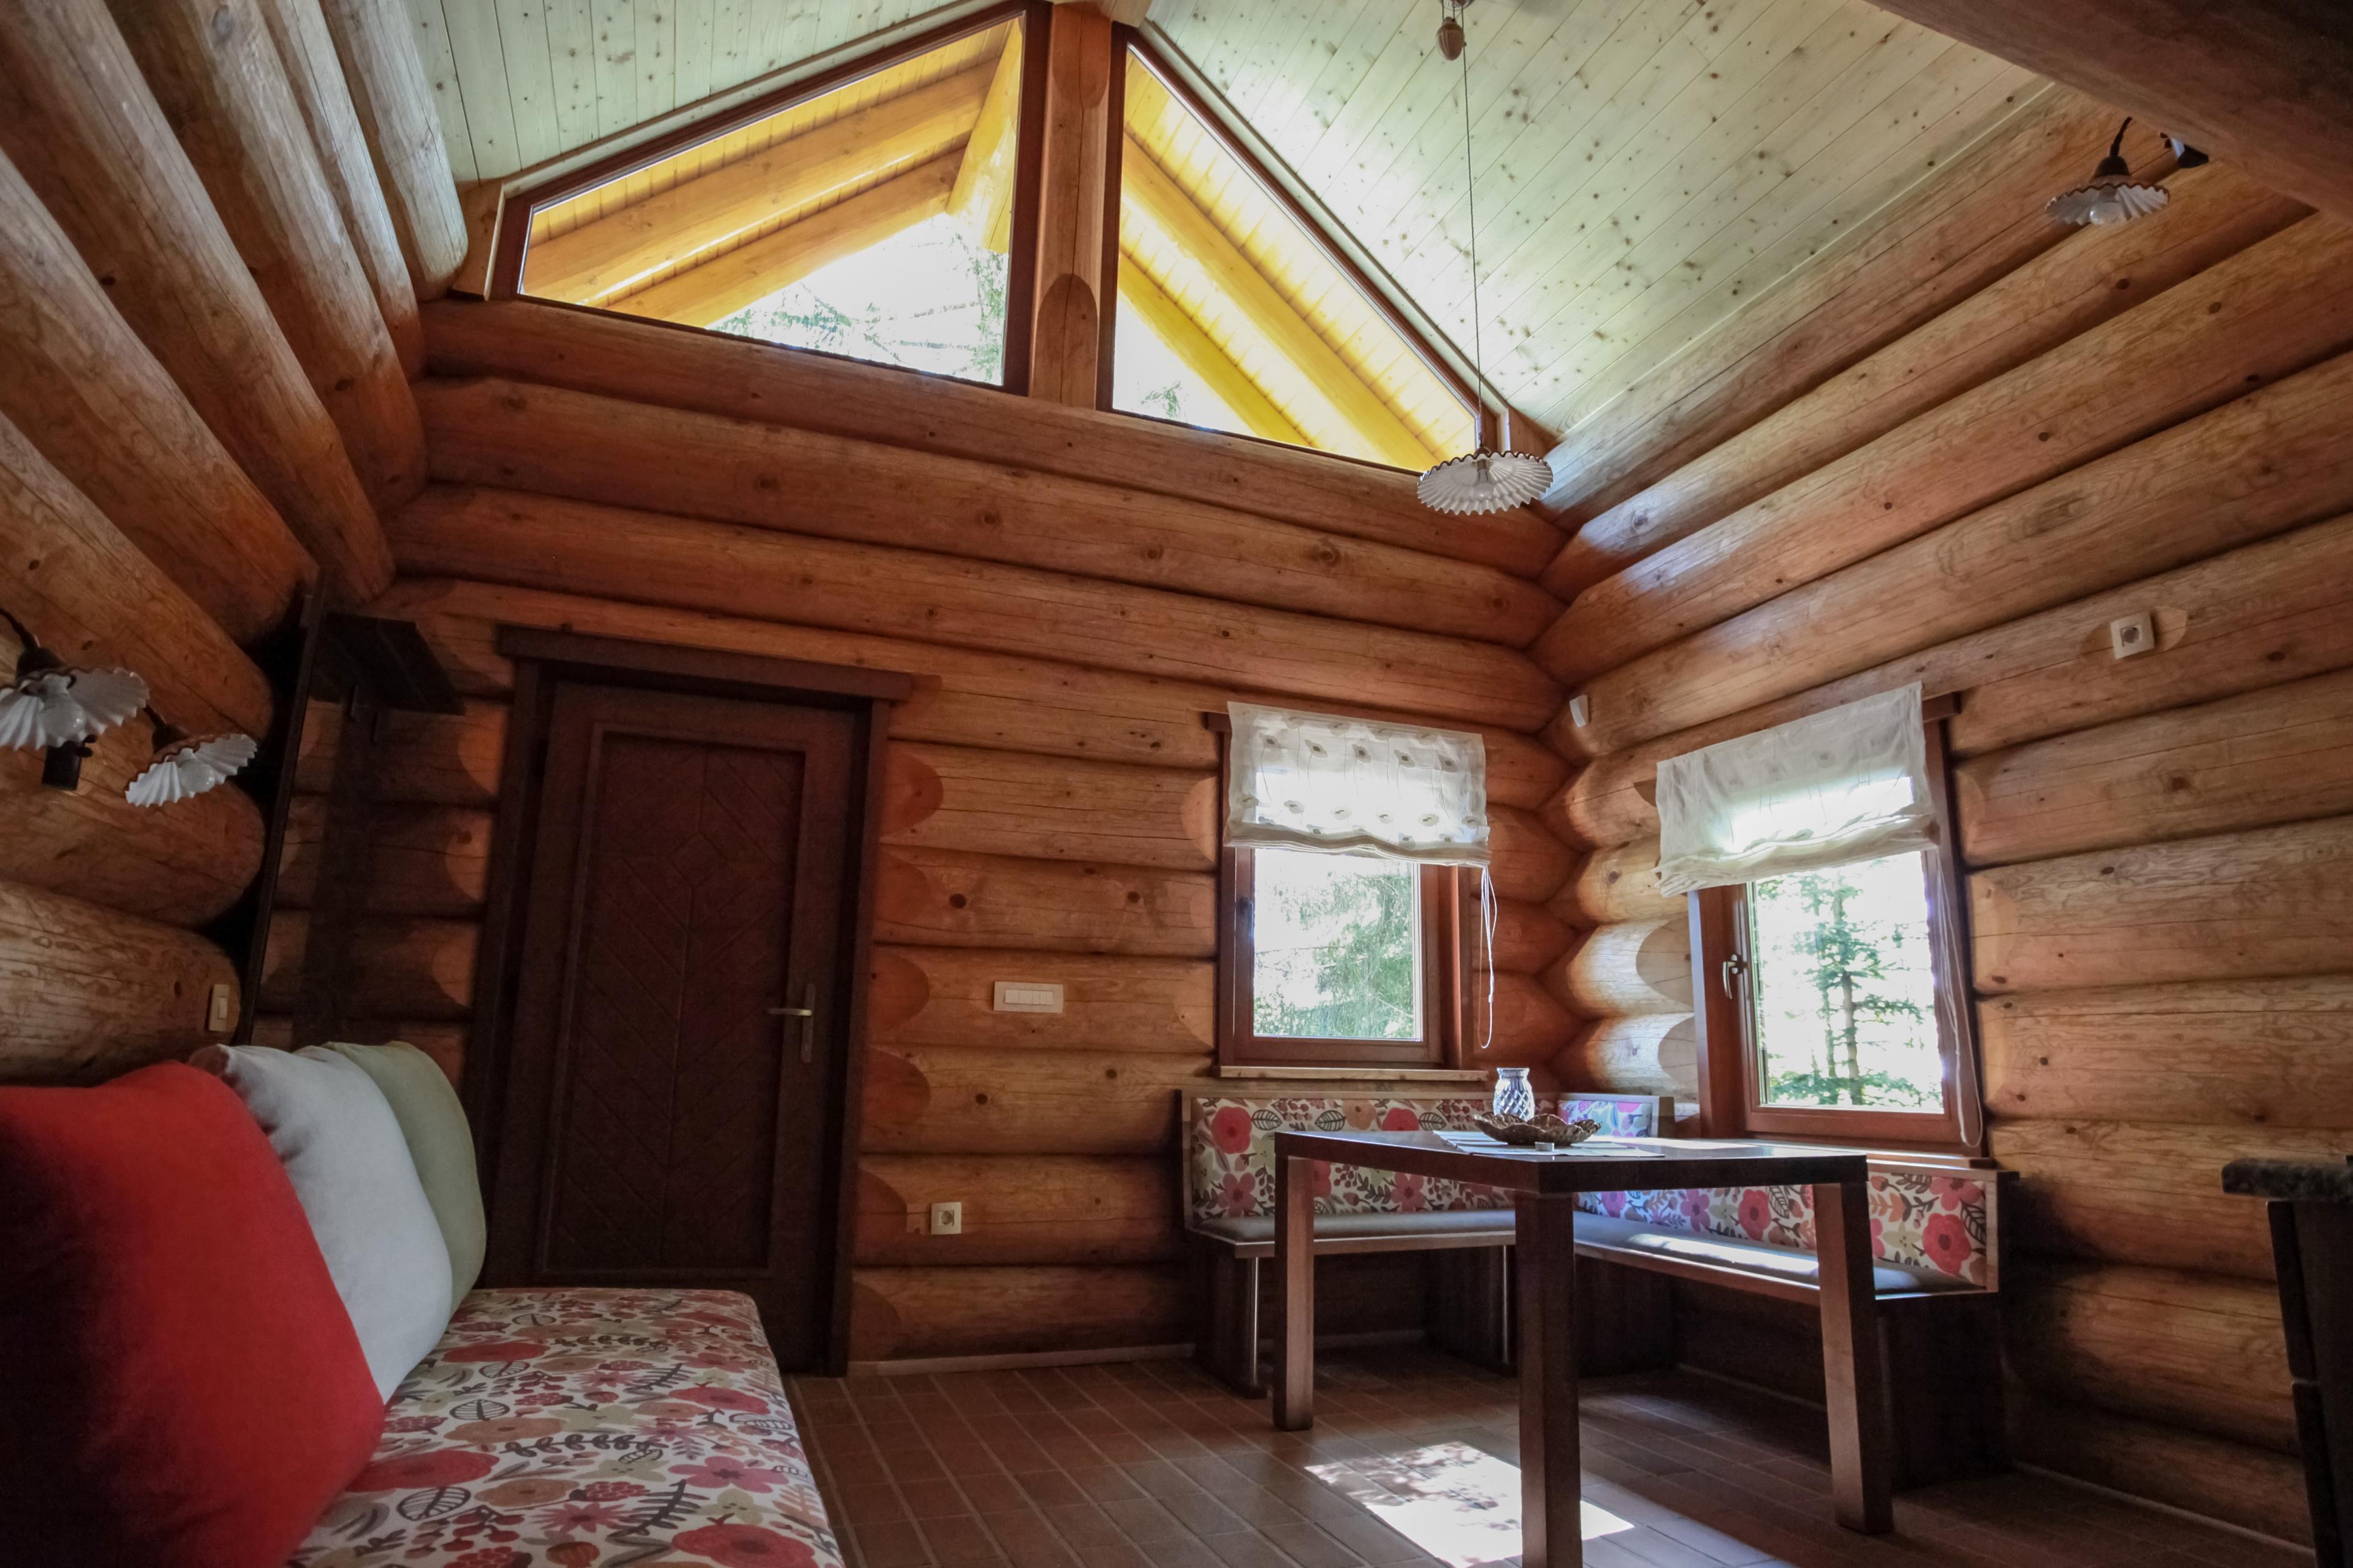 Öko faház belső. Forrás: Rusevec apartman